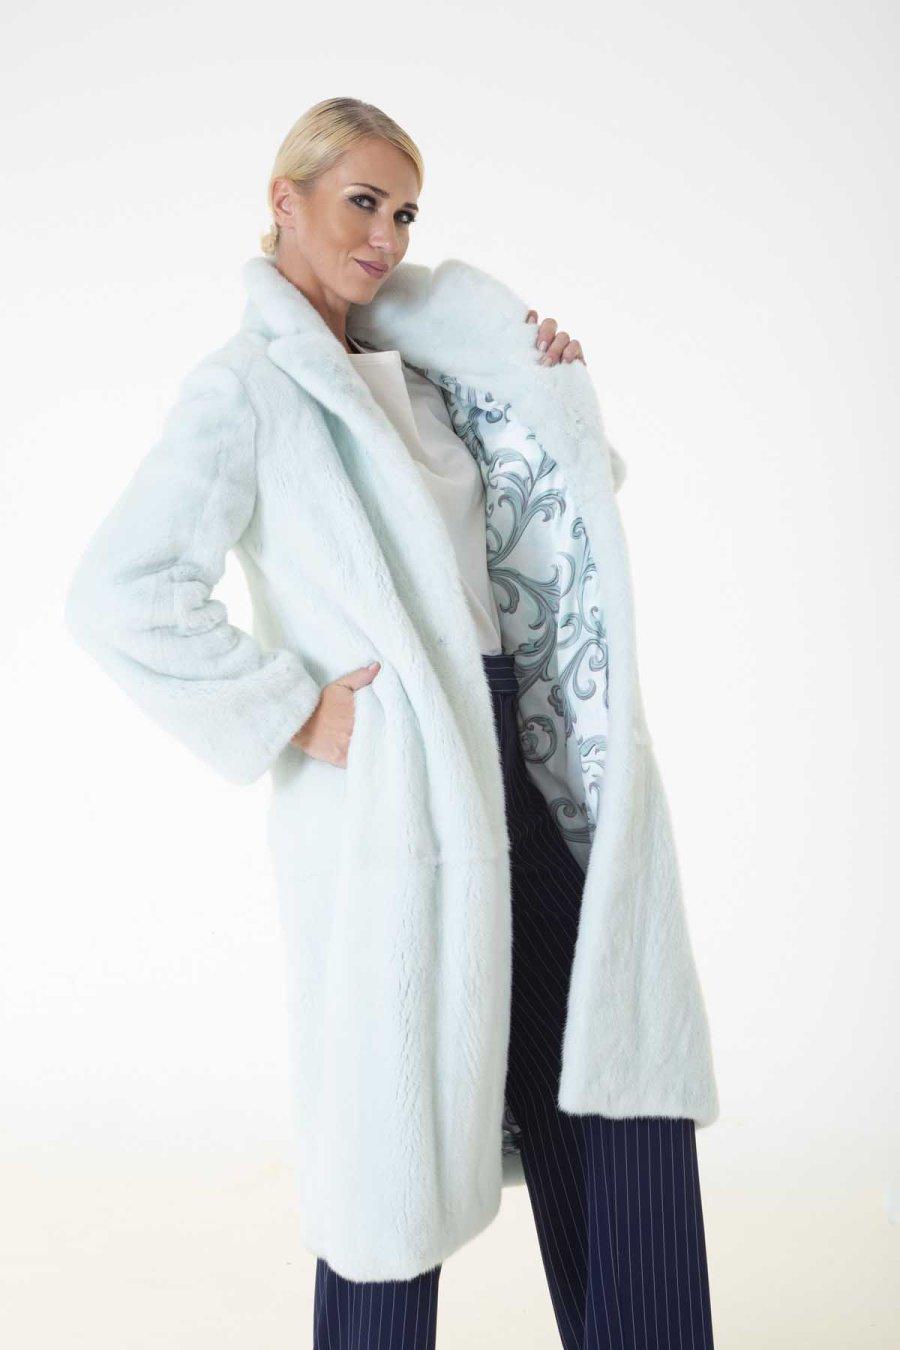 Verde Acqua Male Mink Coat | Sarigianni Furs